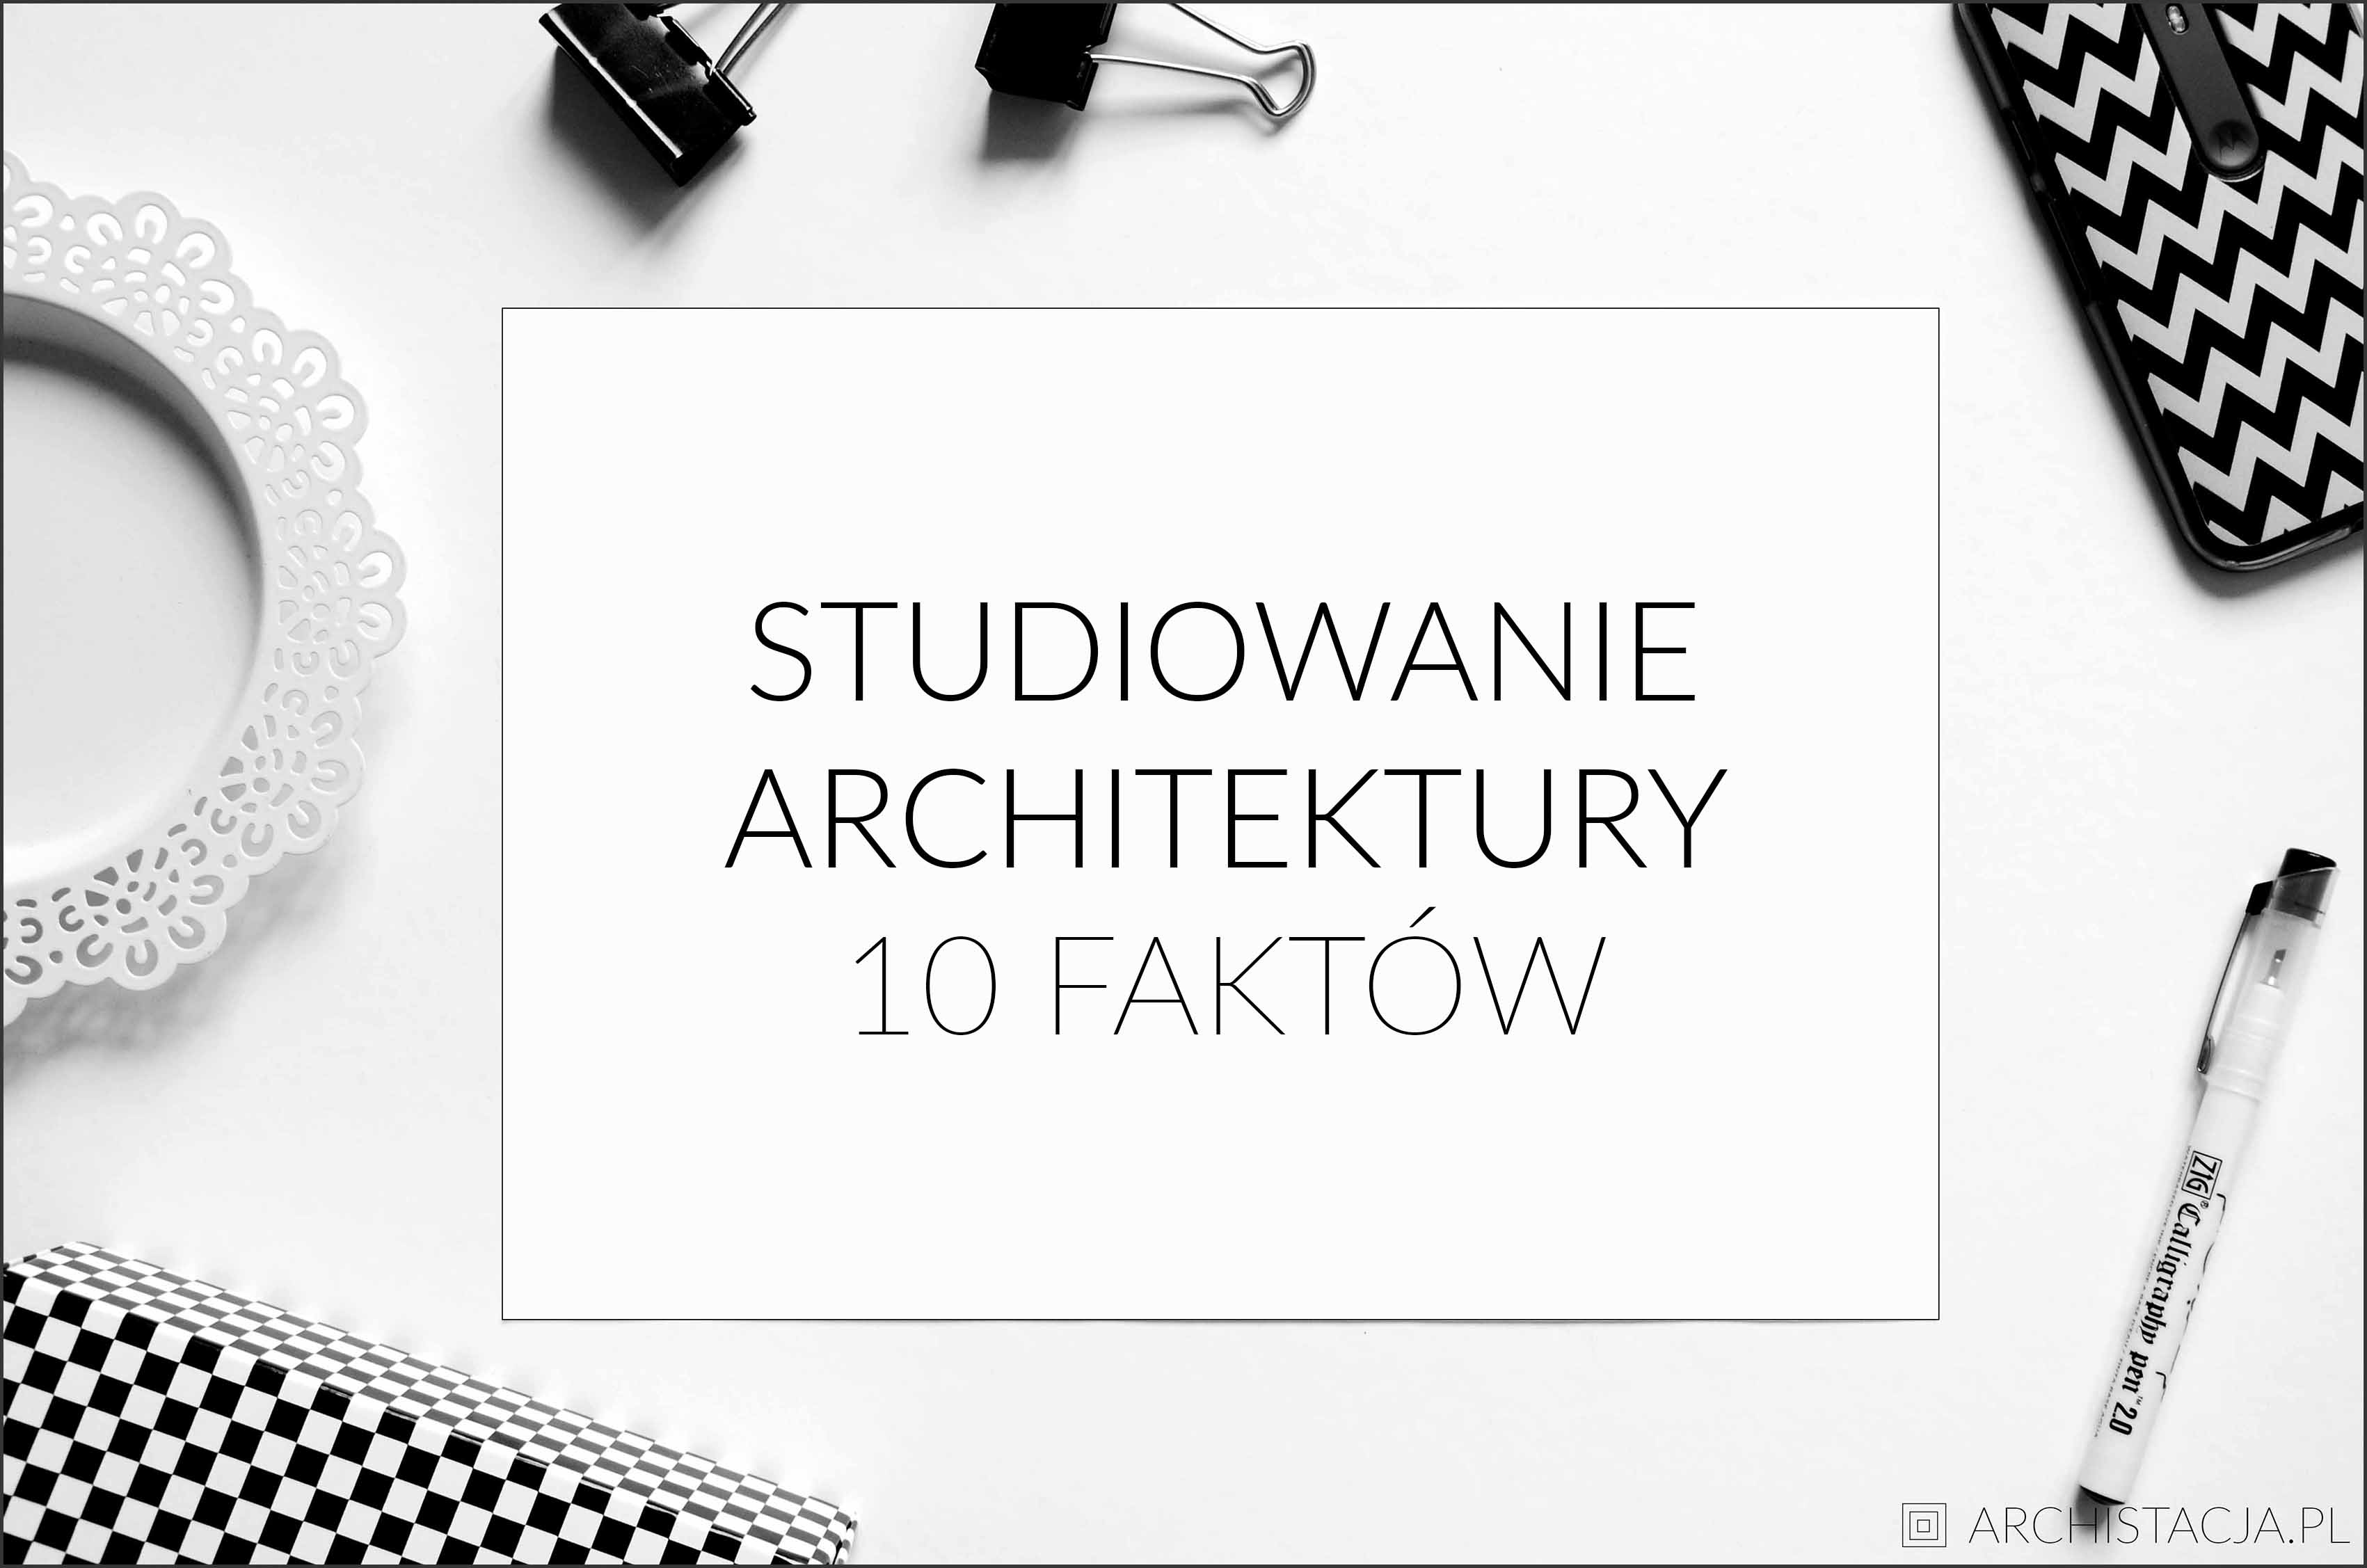 STUDIOWANIE ARCHITEKTURY - 10 FAKTÓW